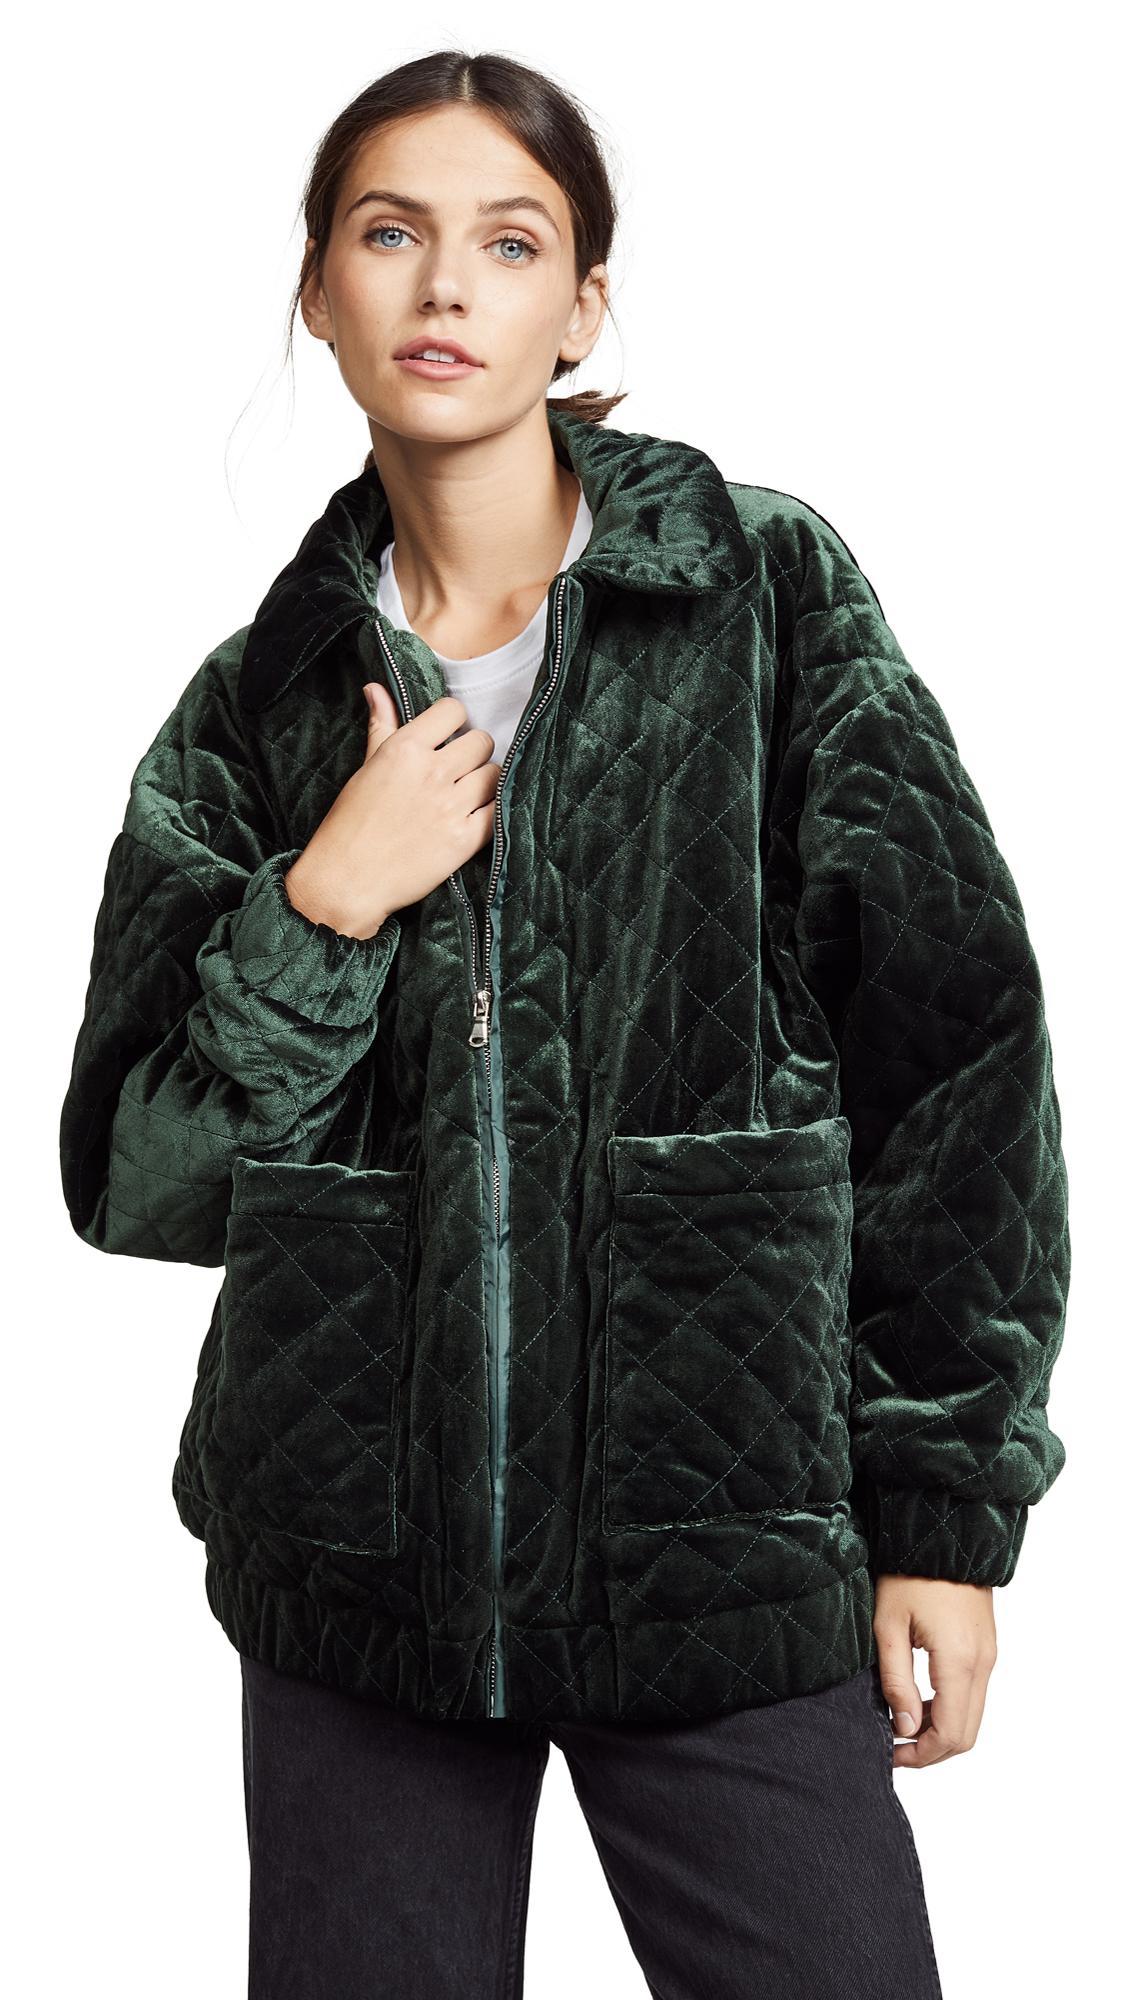 I.AM. GIA Contraband Jacket